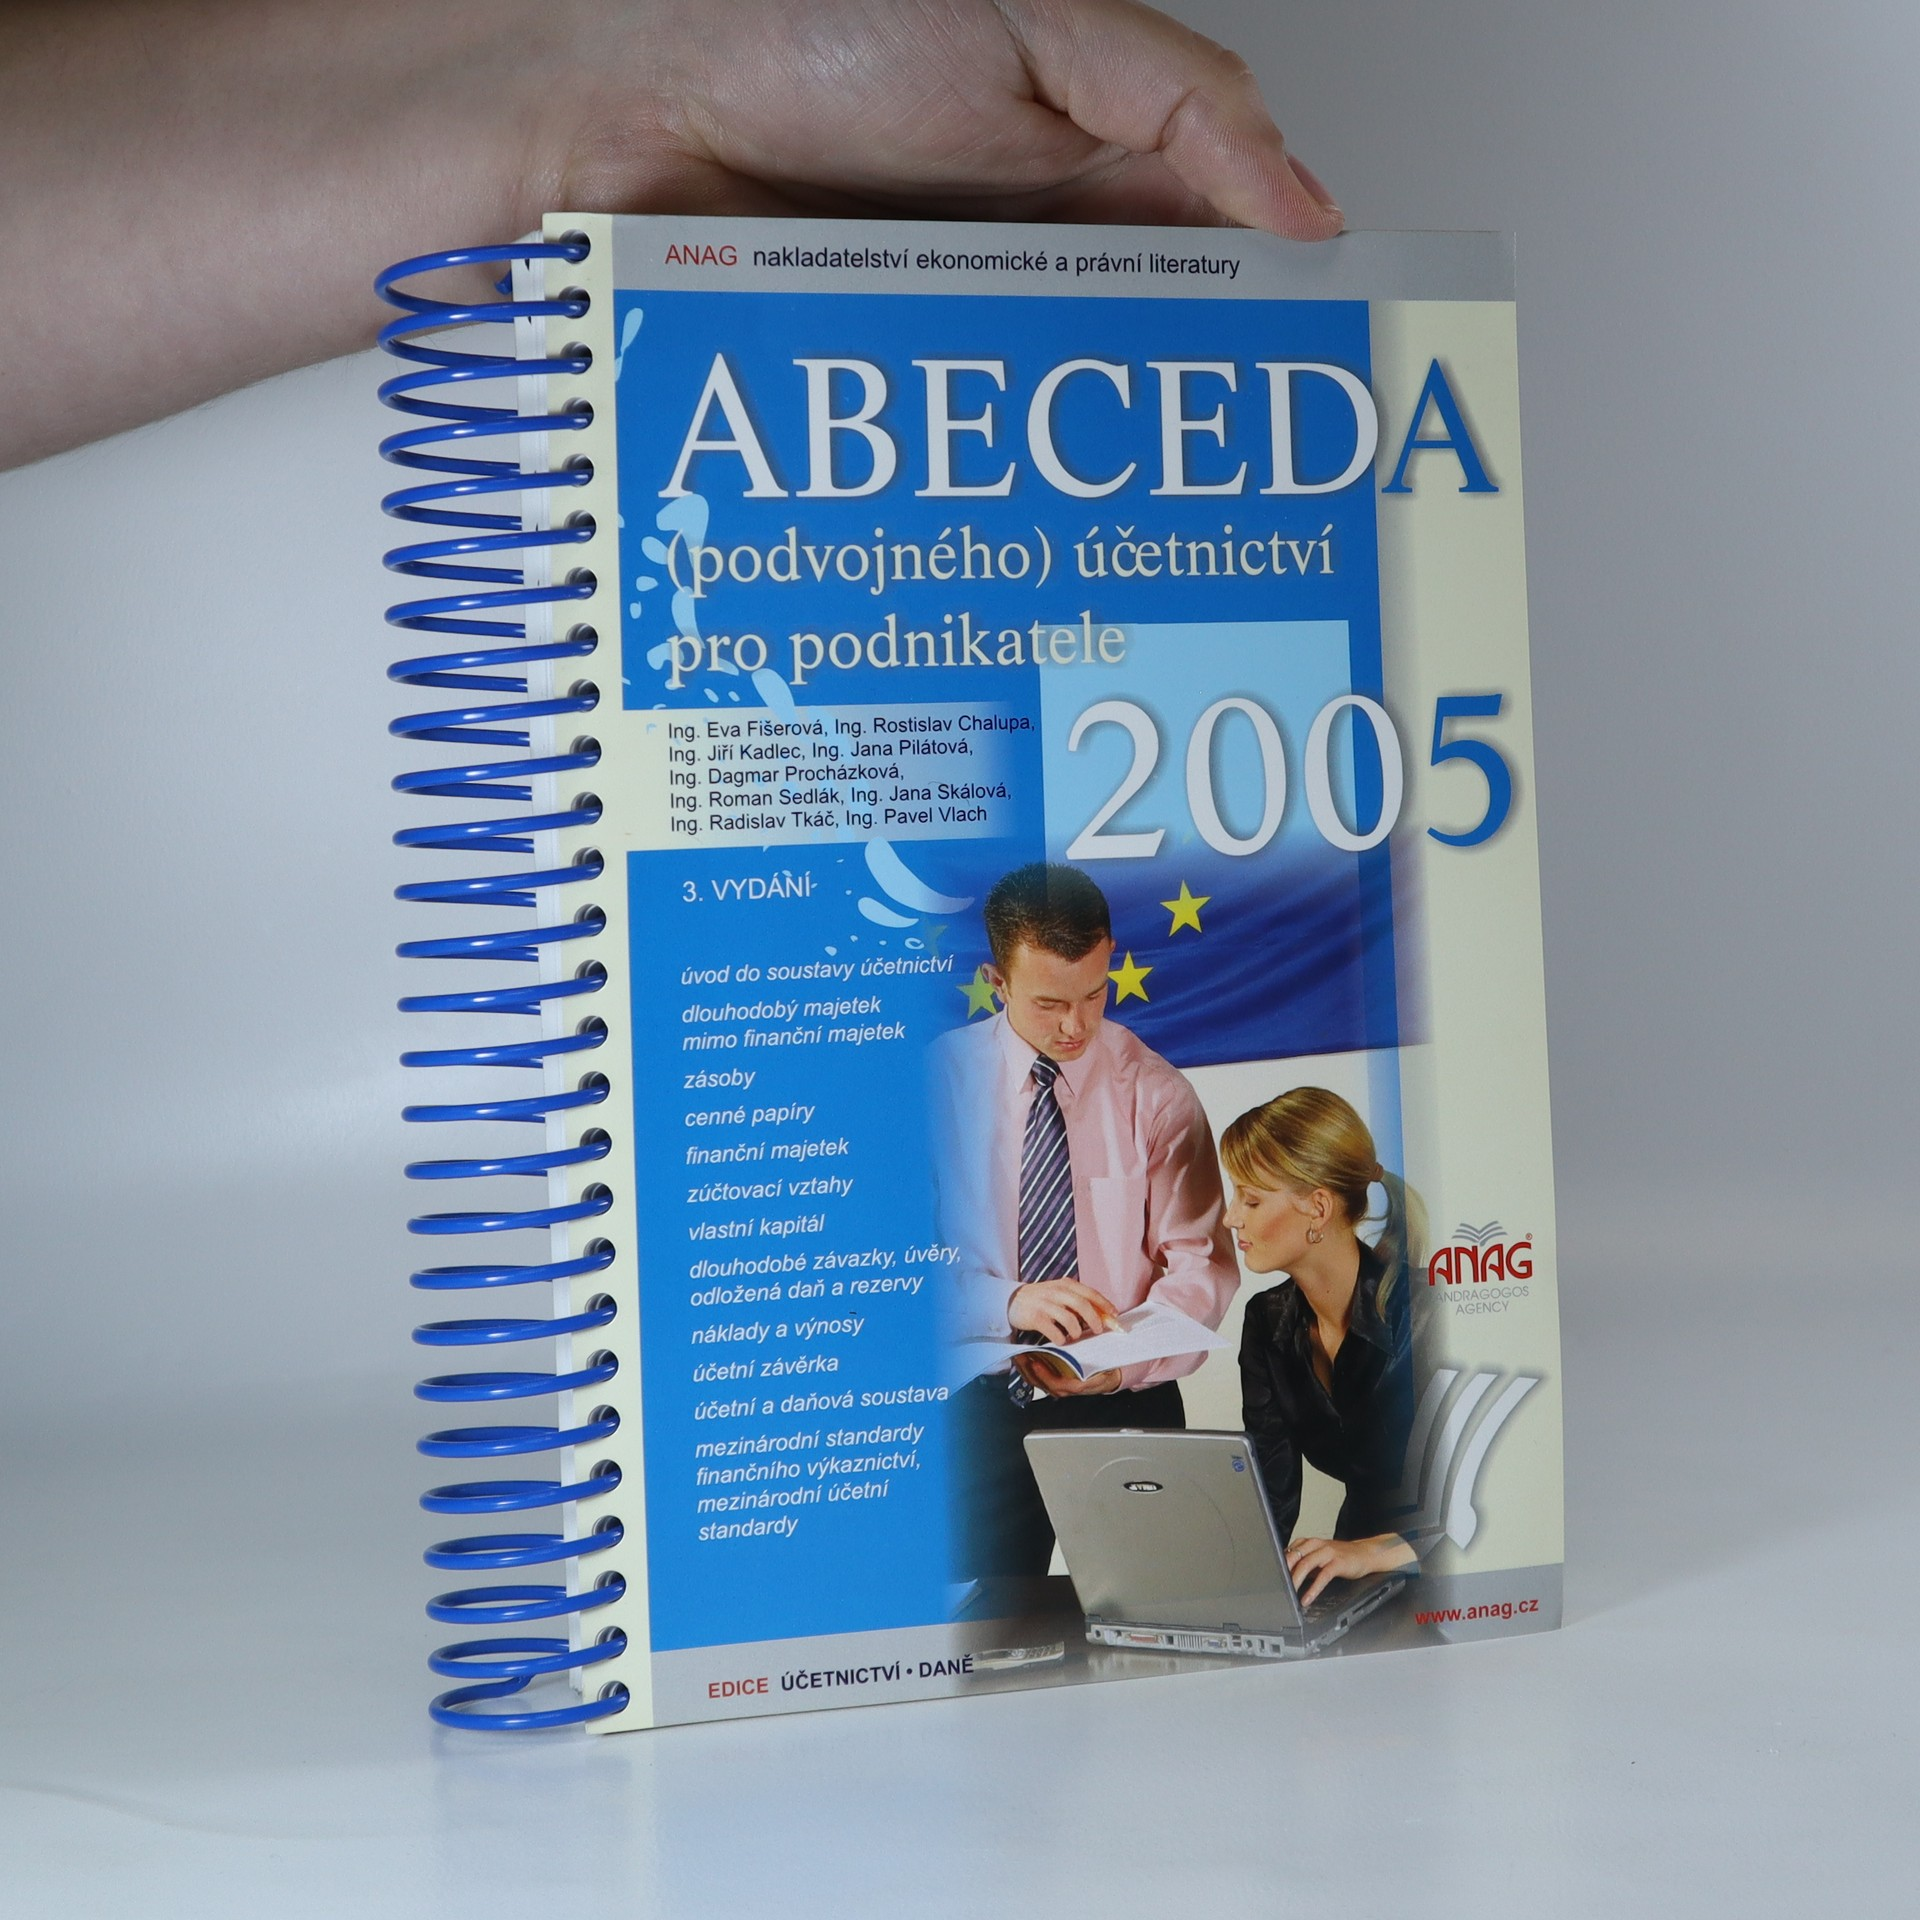 antikvární kniha Abeceda (podvojného) účetnictví pro podnikatele 2005, 2005